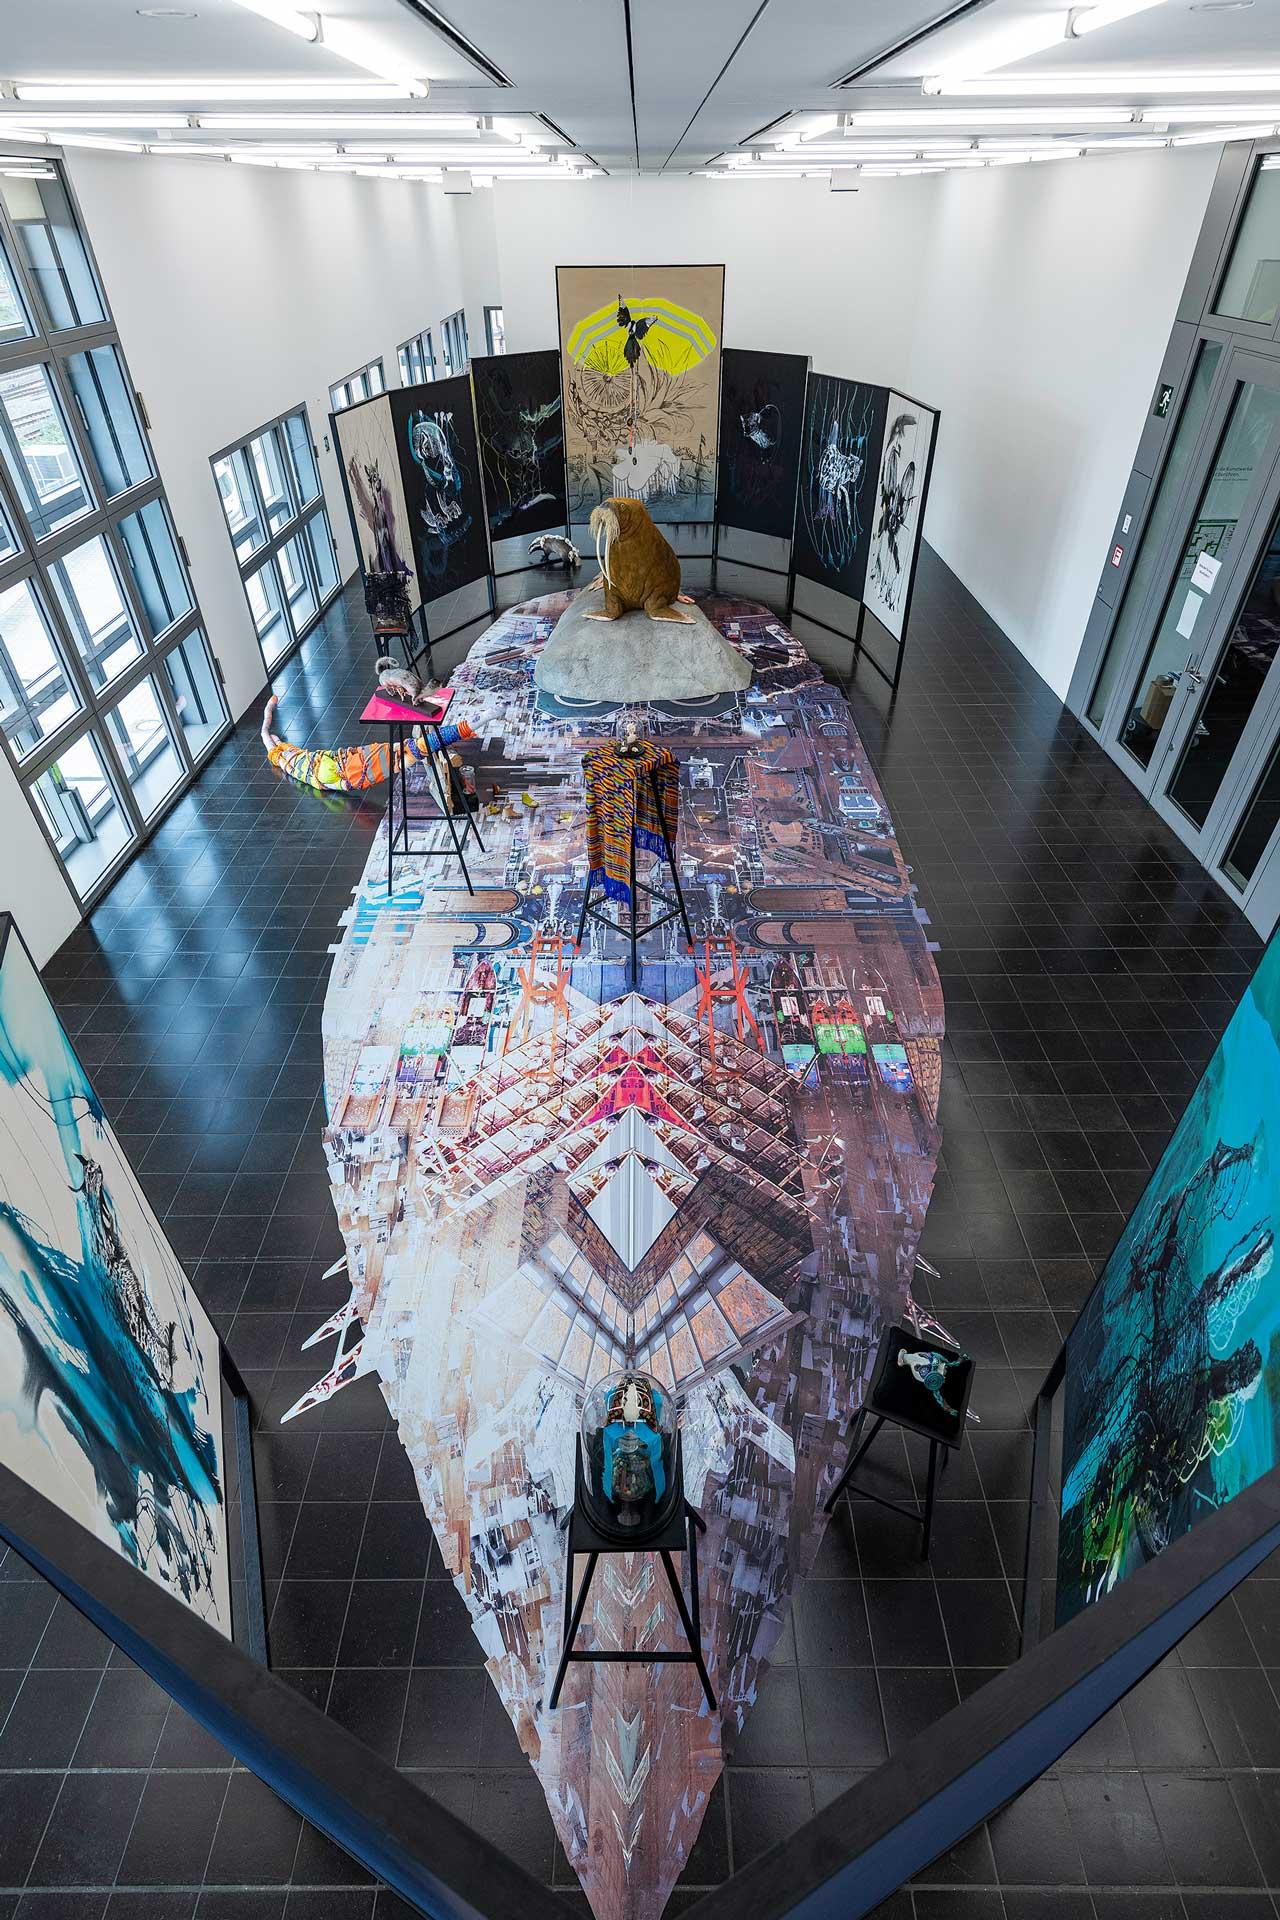 Bild der Hamburger Kunsthalle mit der Ausstellung Helga Schmidhuber 2020